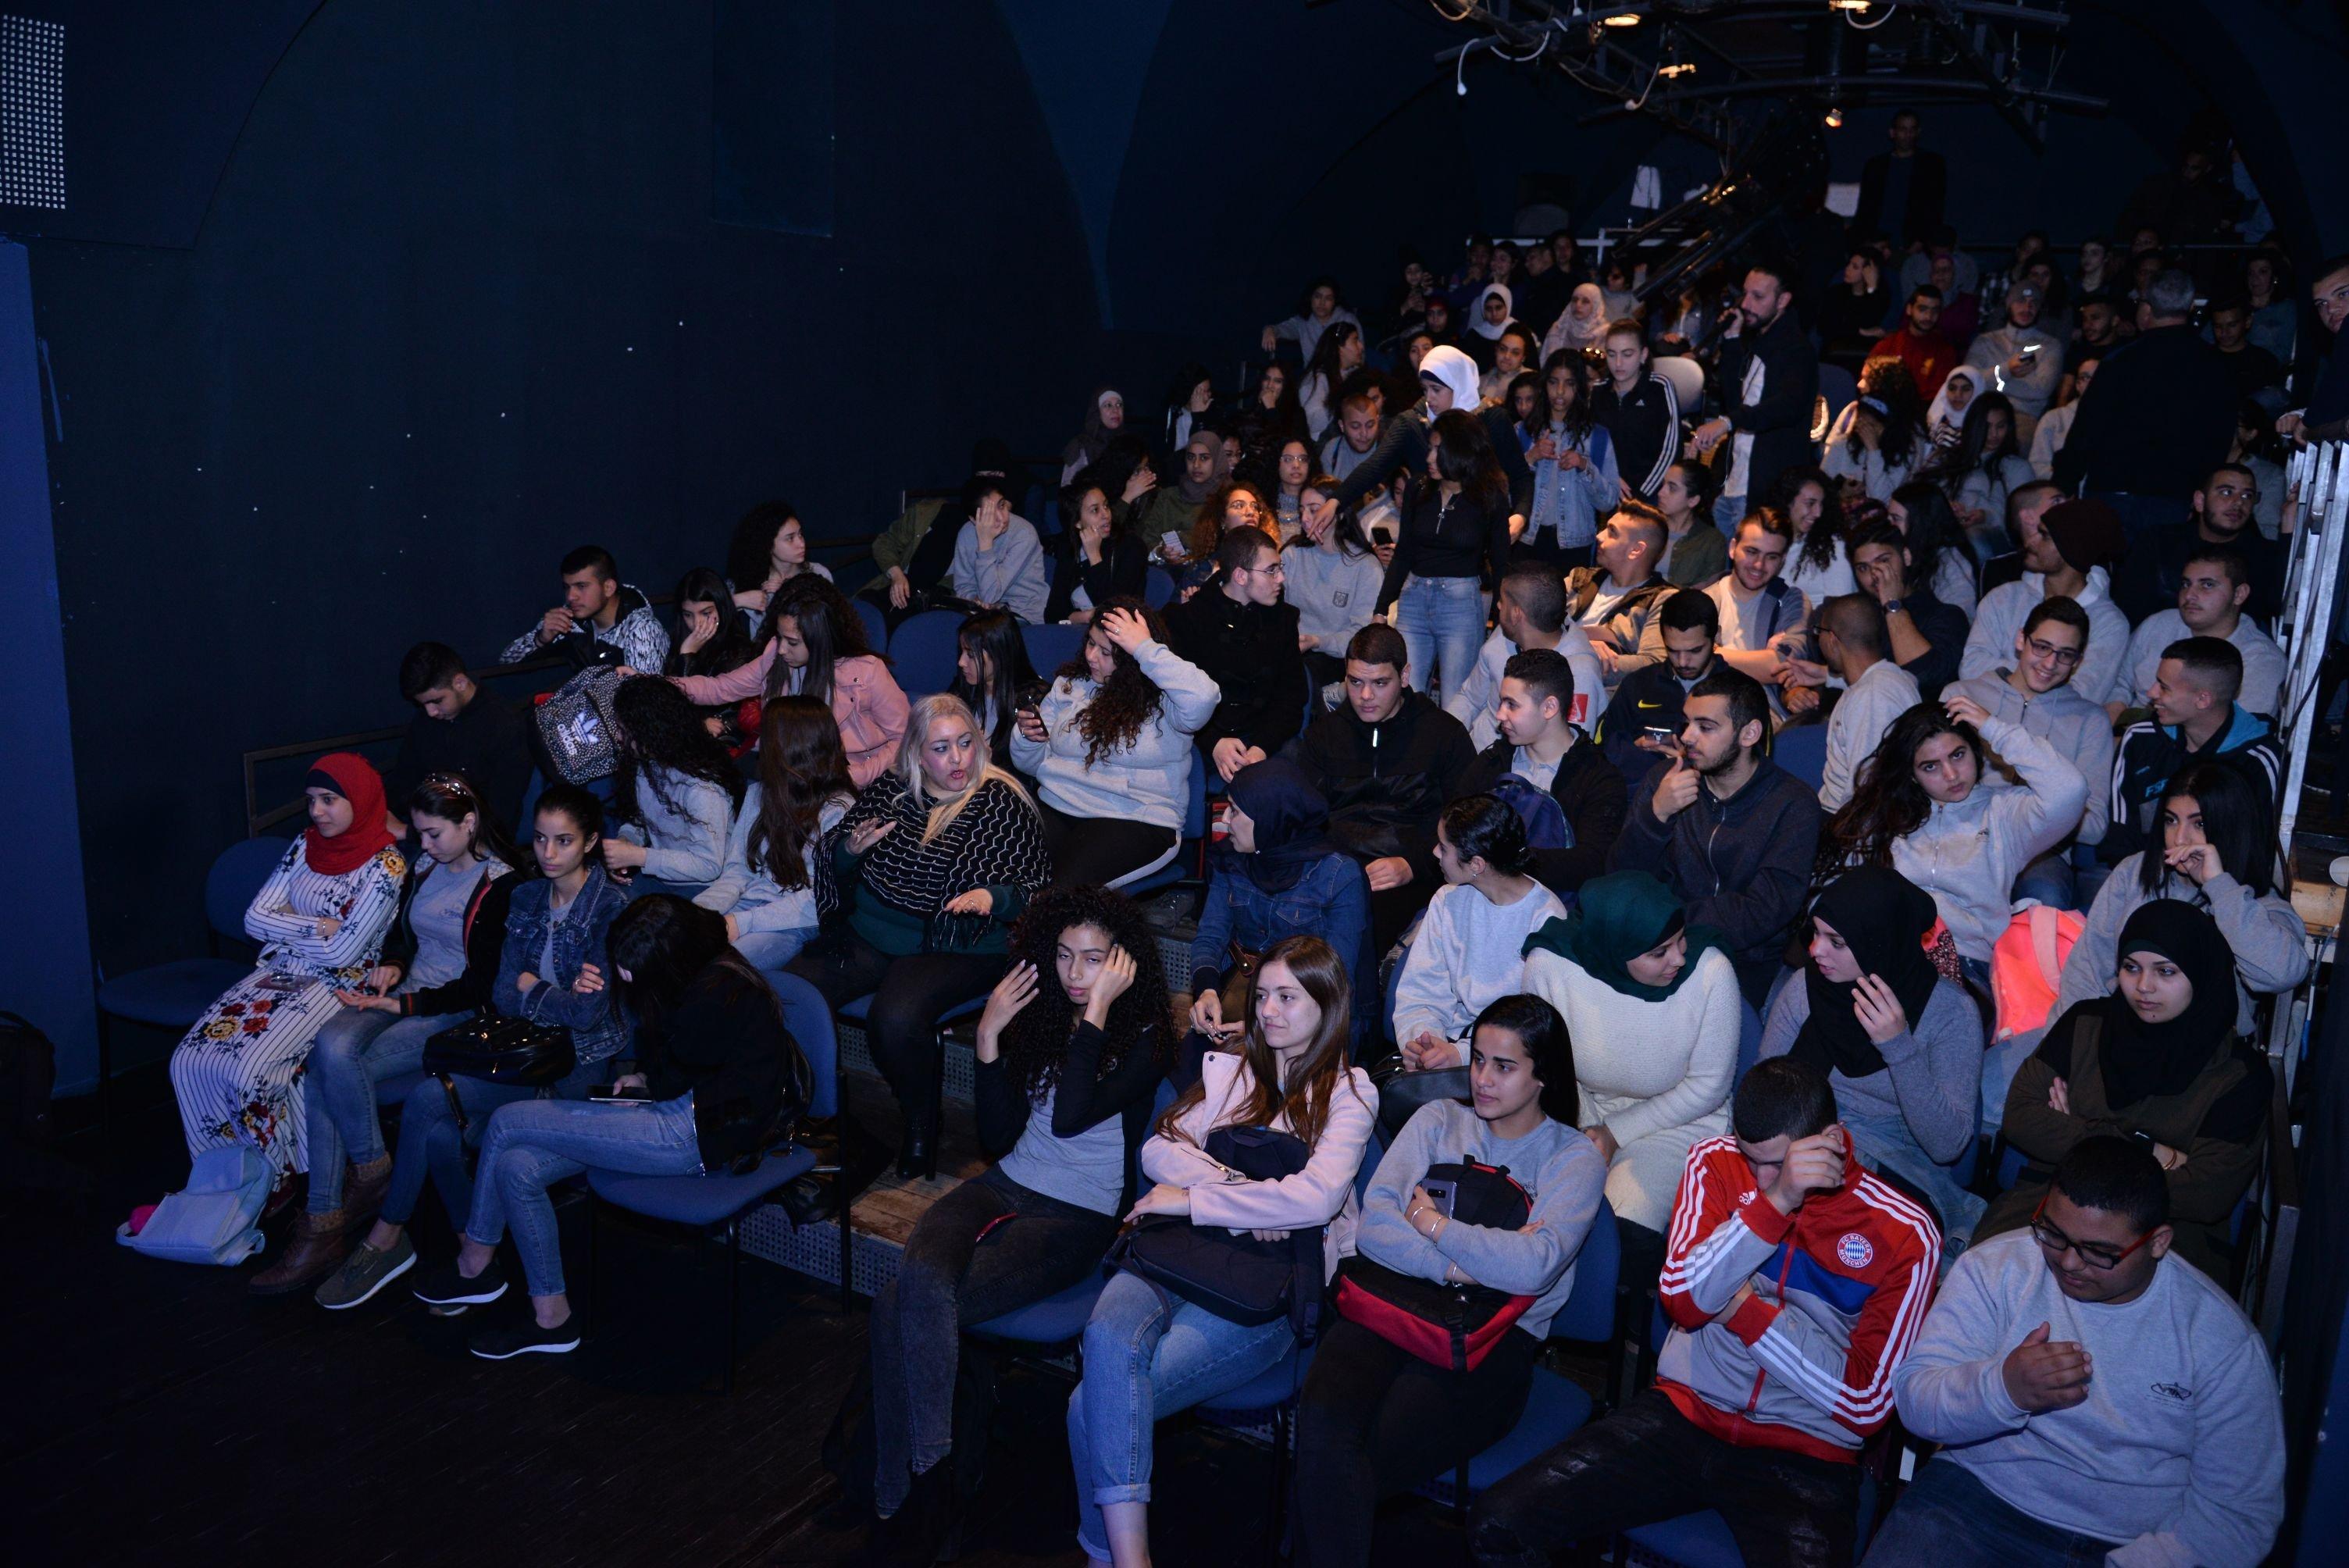 نجاح باهر لمسرحية ( خوش بوش) في مدرسة أورط على أسم حلمي الشافعي عكا